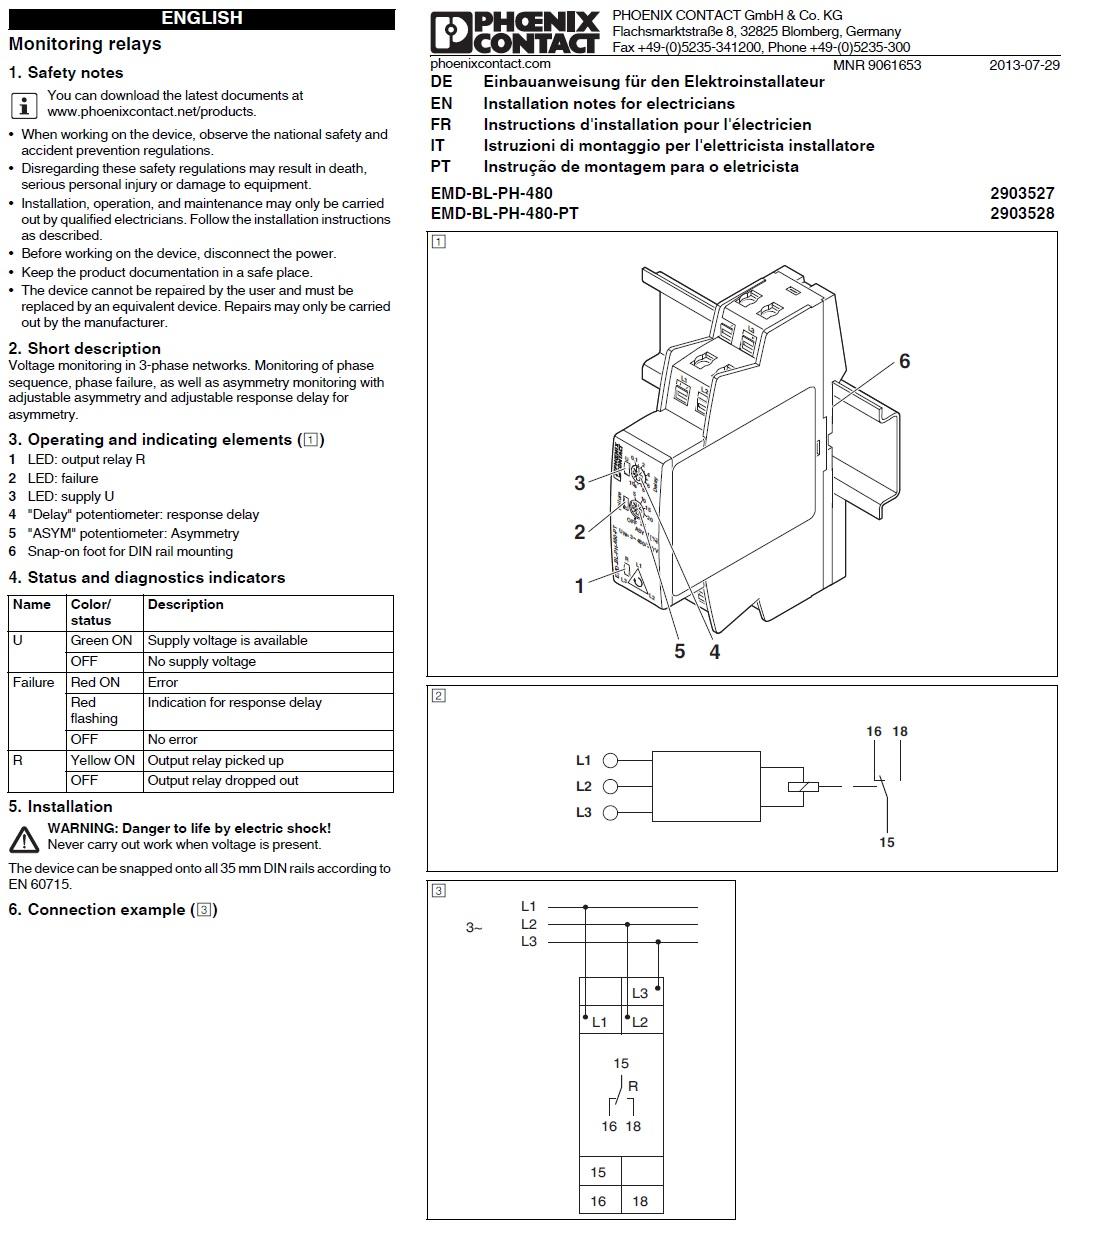 51333monitoringrelaisemdblph480pt2903528 schematic instructions